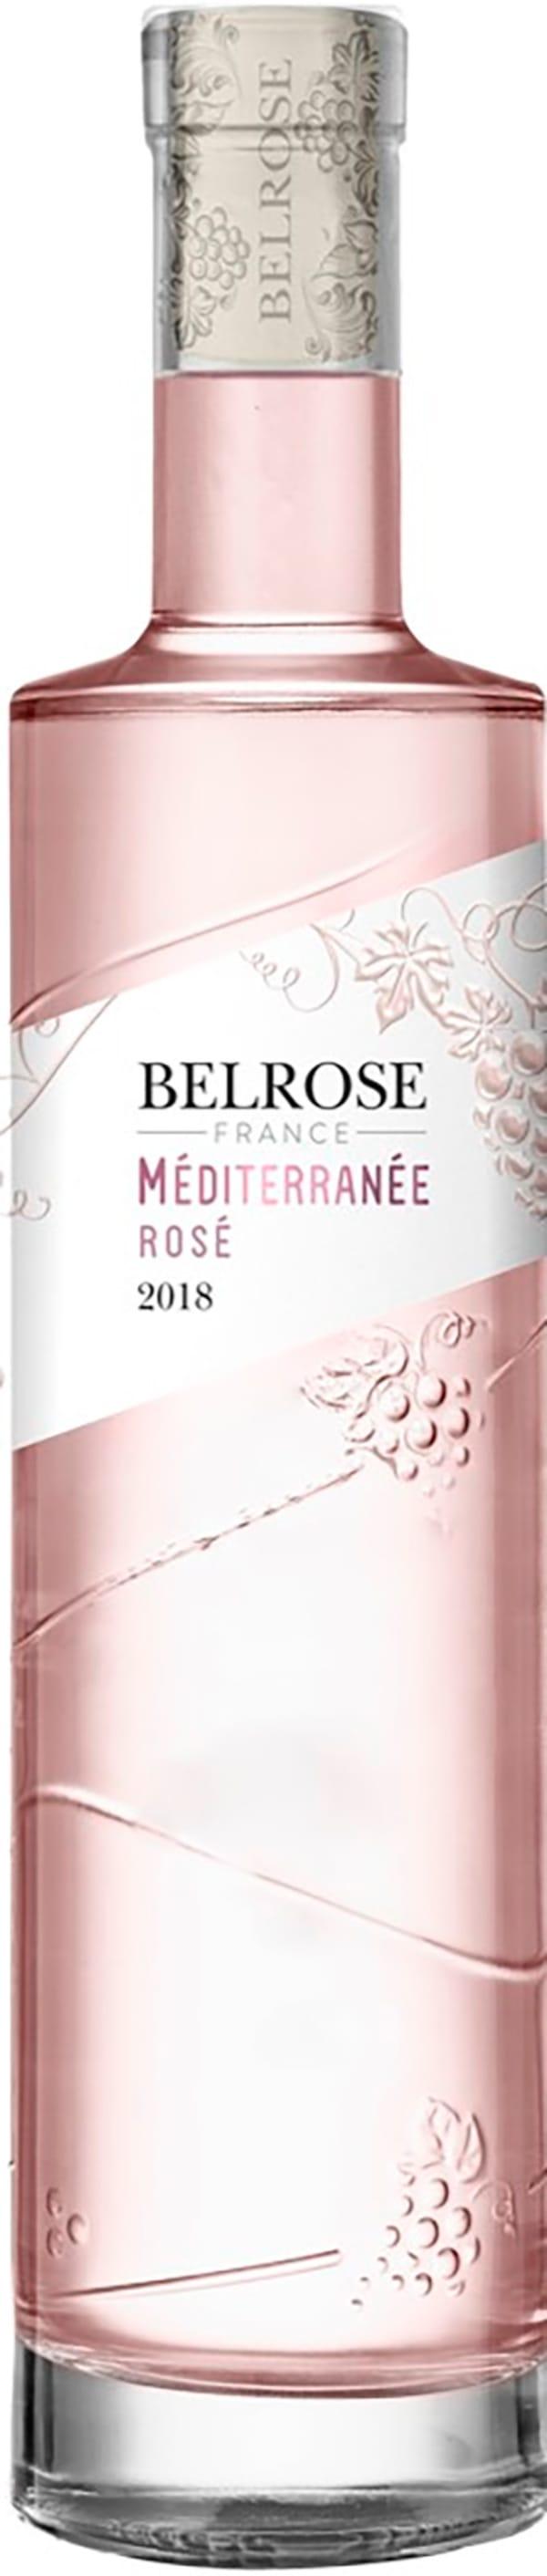 Belrose Rose 2019